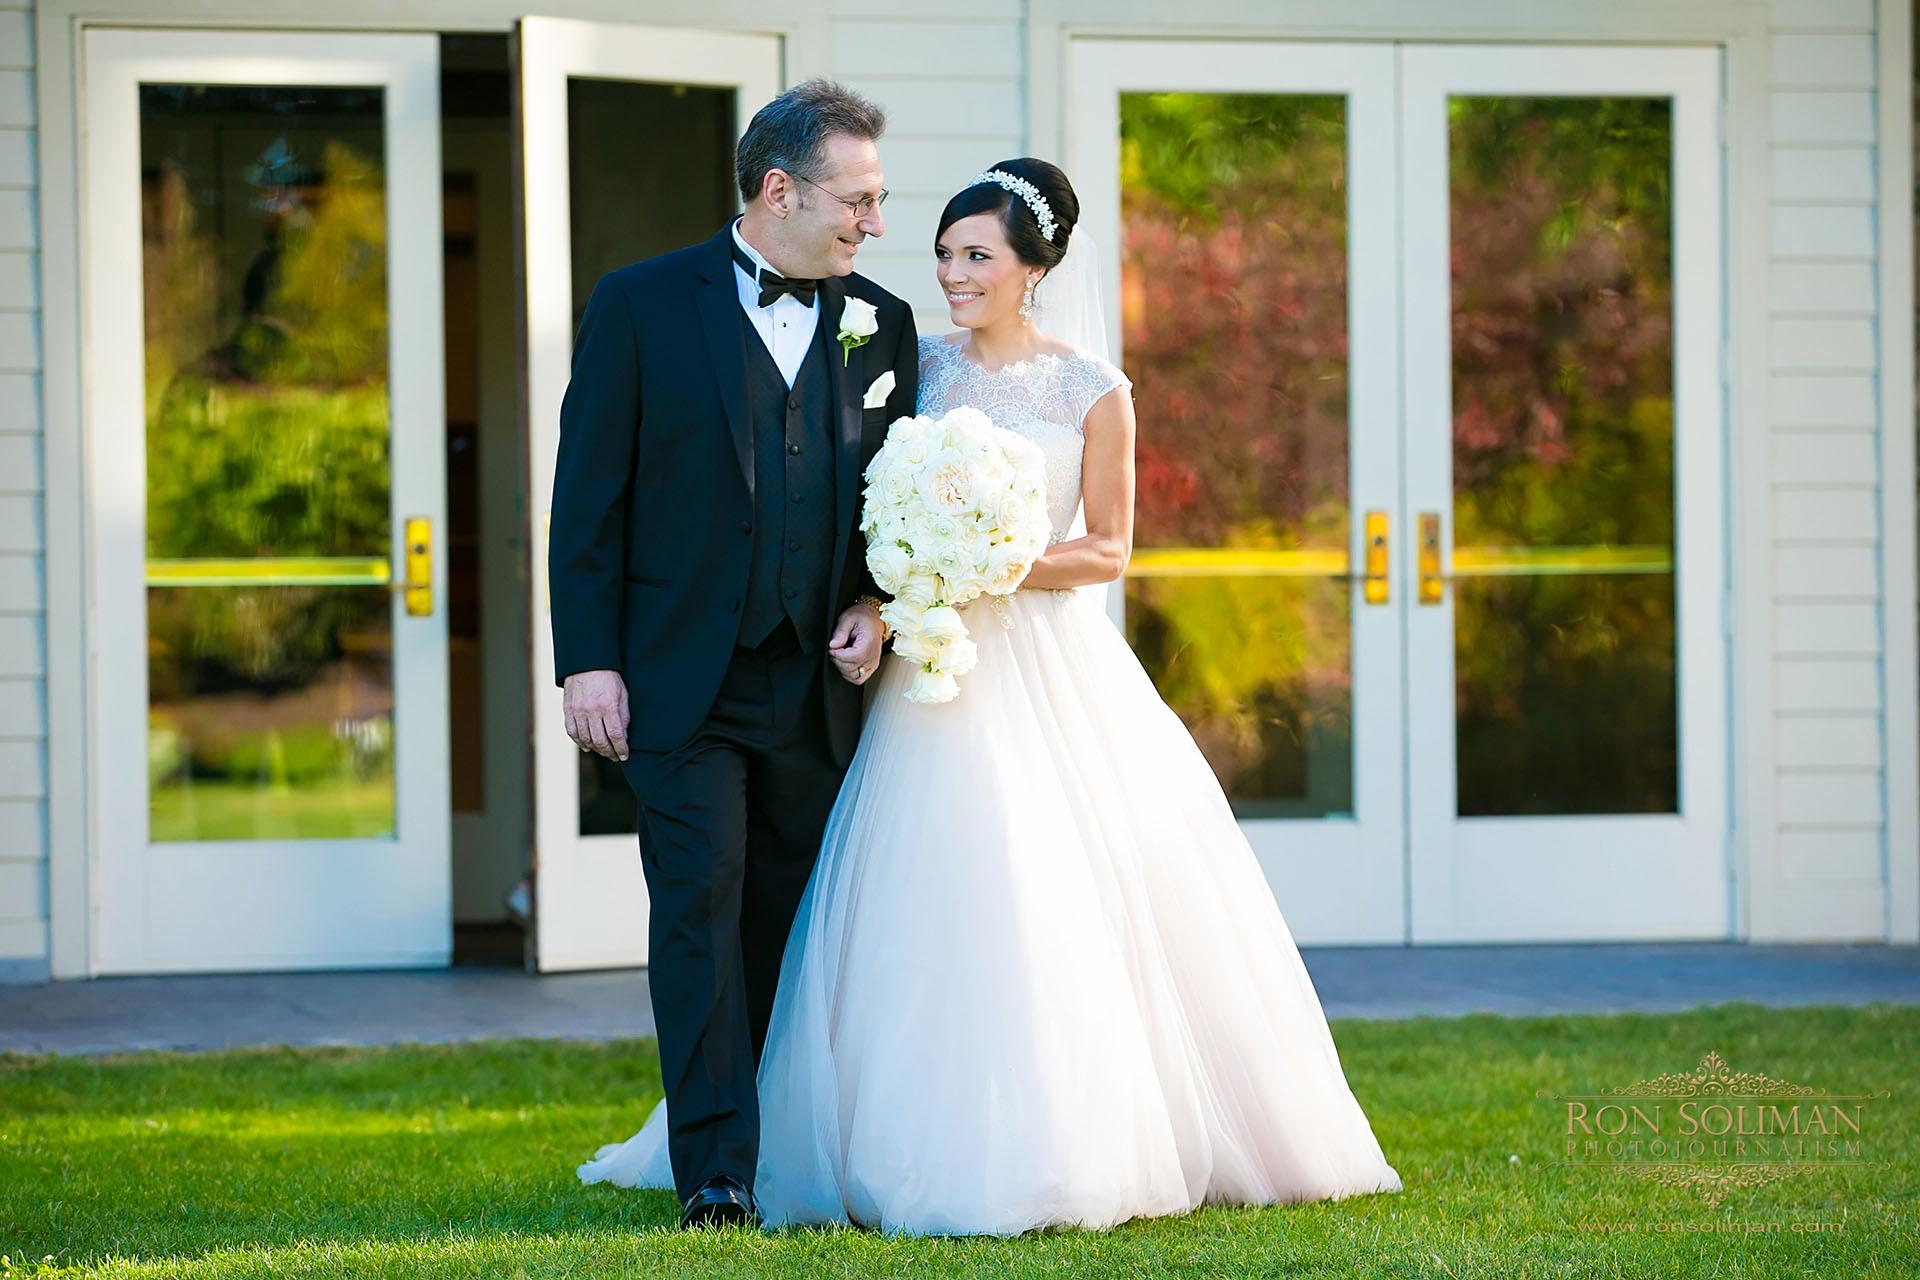 AUDREY HEPBURN inspired bride